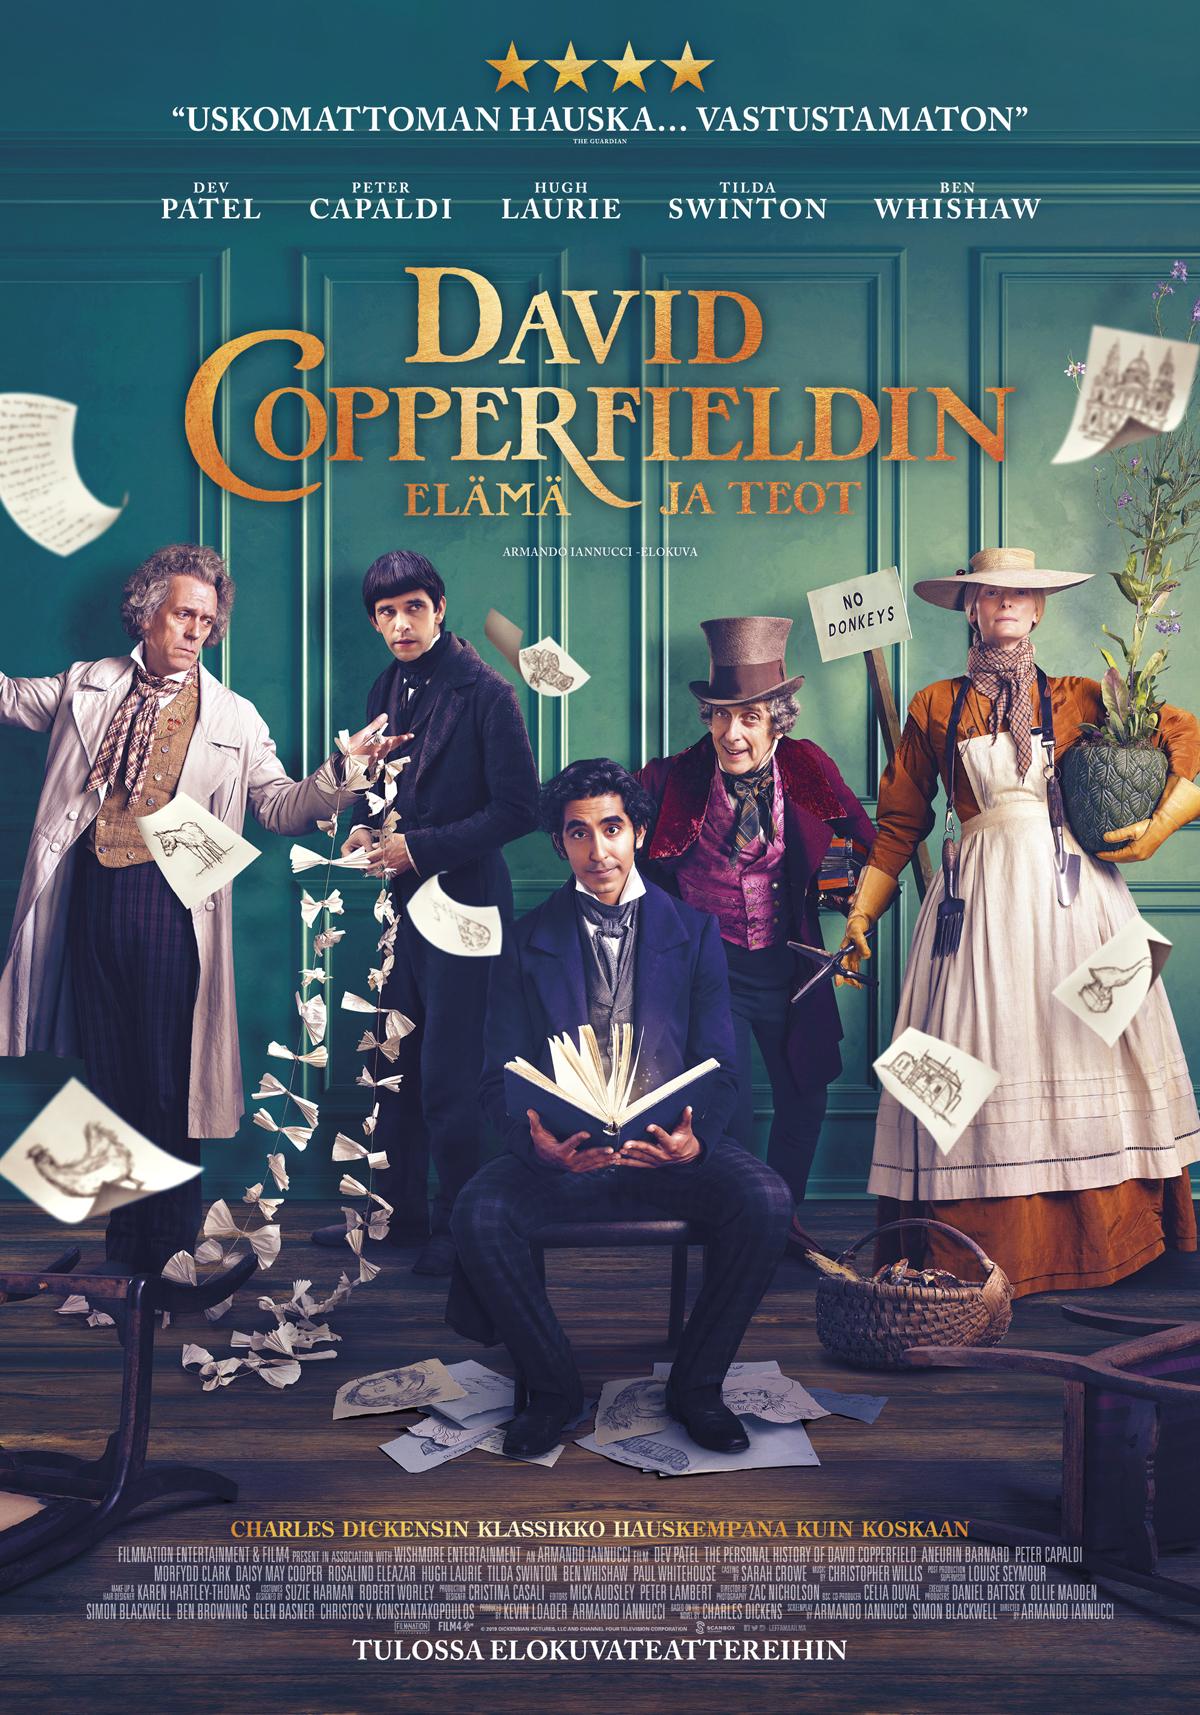 David Copperfieldin elämä ja teot - matineat - Savon Kinot